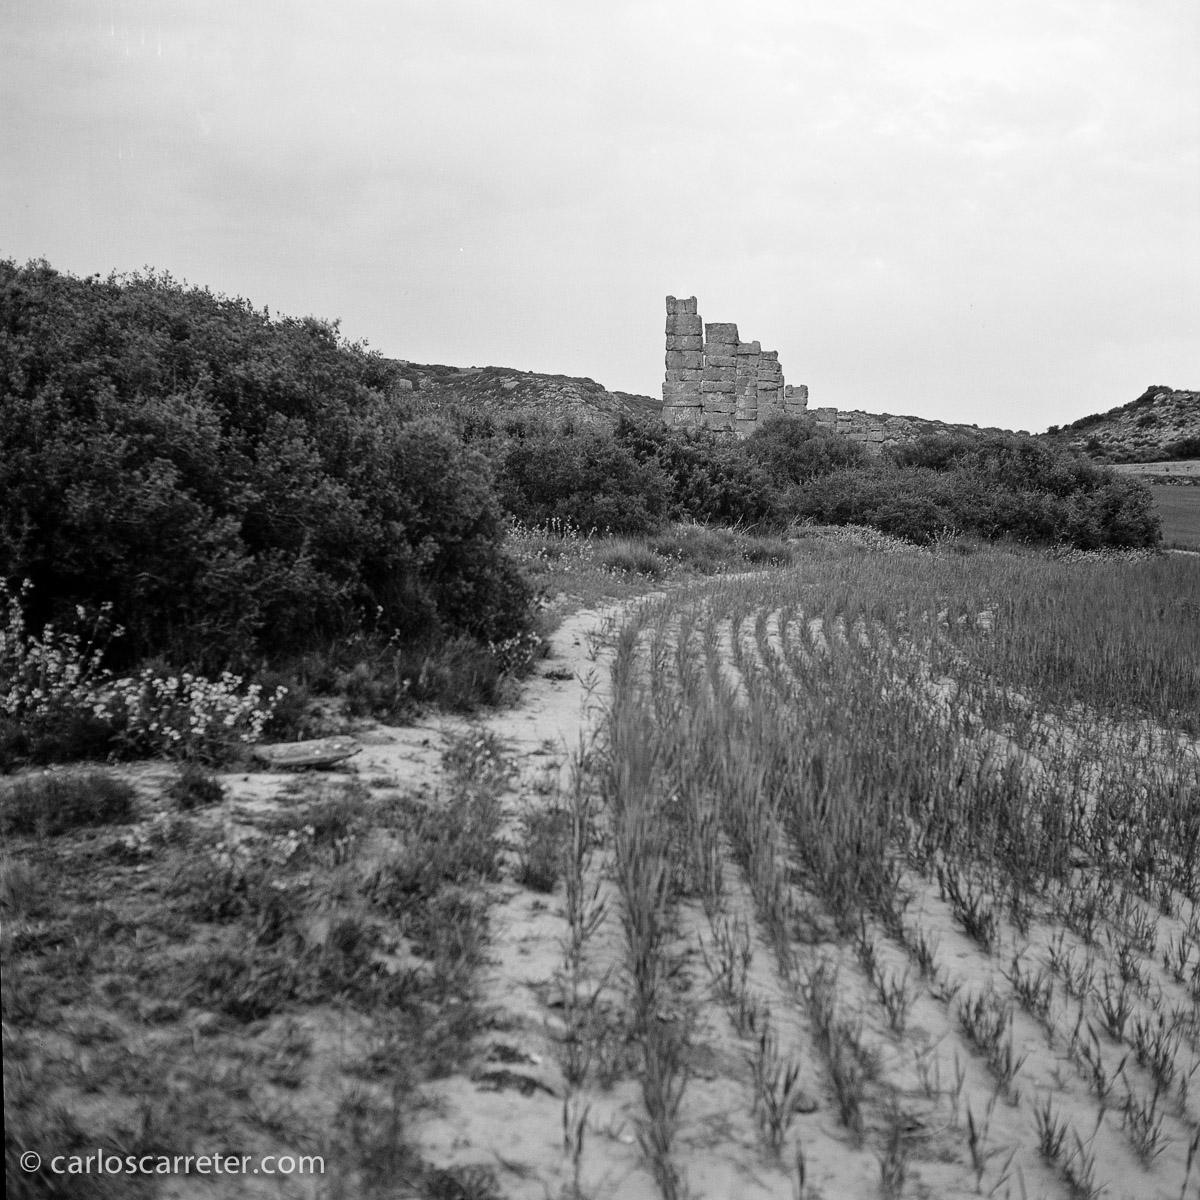 Acueducto romano del yacimiento arqueológico de Los Bañales. Fotografía tomada con la Yashica Mat 124G sobre negativo en blanco y negro cromogénico.